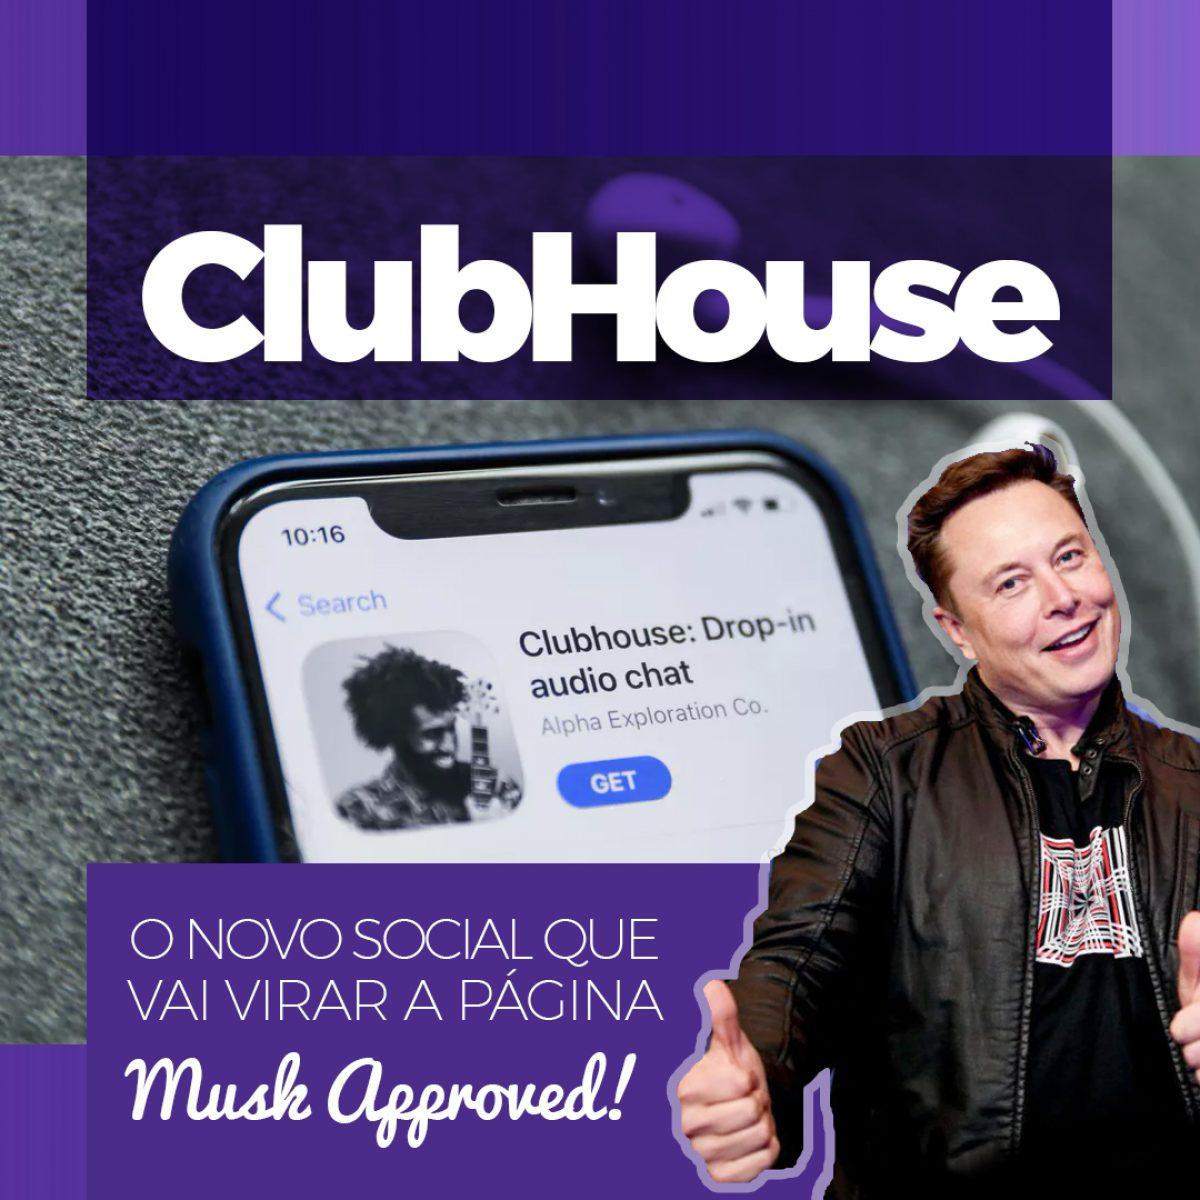 O que é Clubhouse